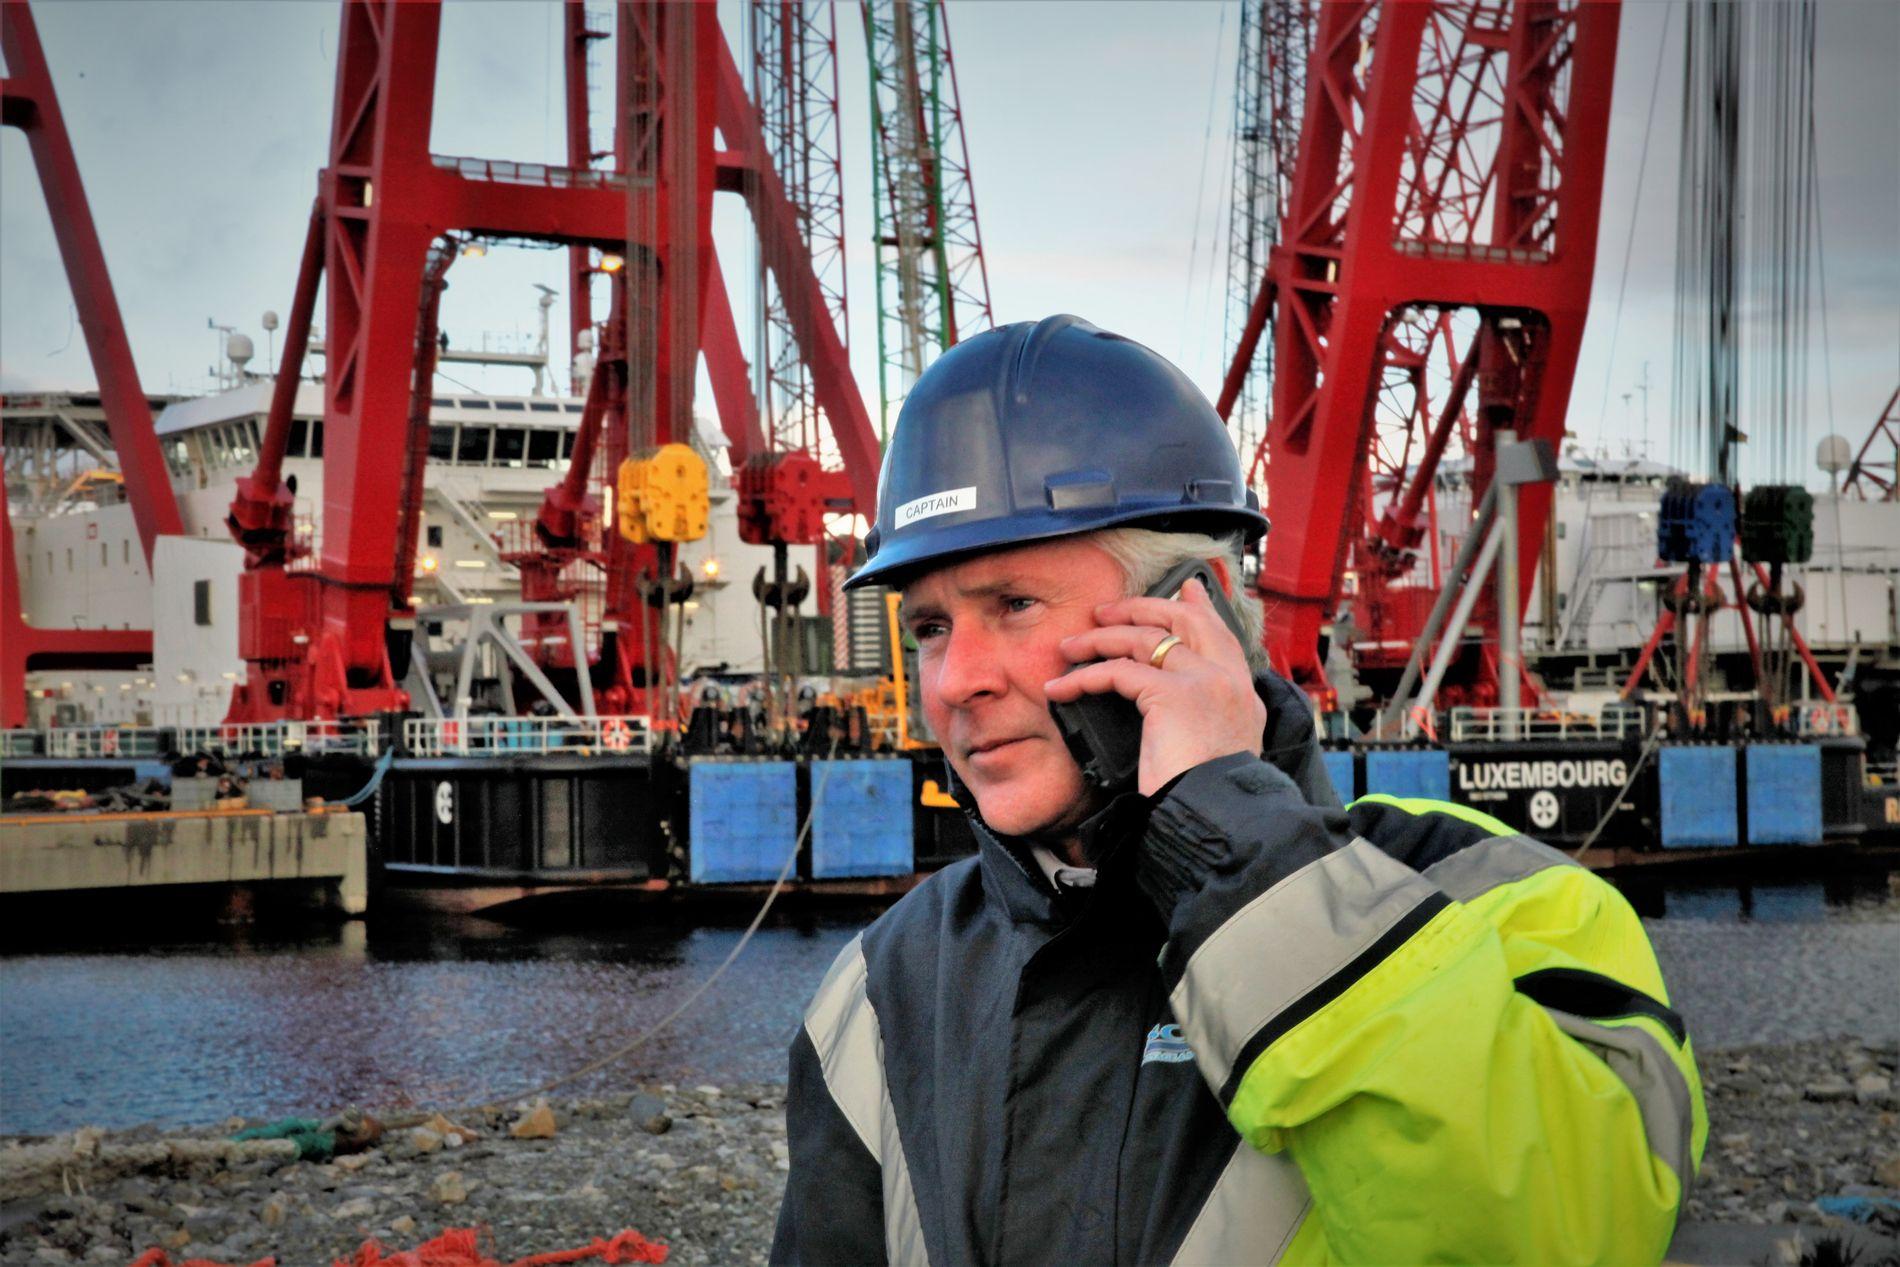 ERFAREN KAPTEIN: Henk Doornheim (45) har arbeidet med tauing og tunge løft til havs i over 25 år. Nå er han klar for å heve KNM «Helge Ingstad».